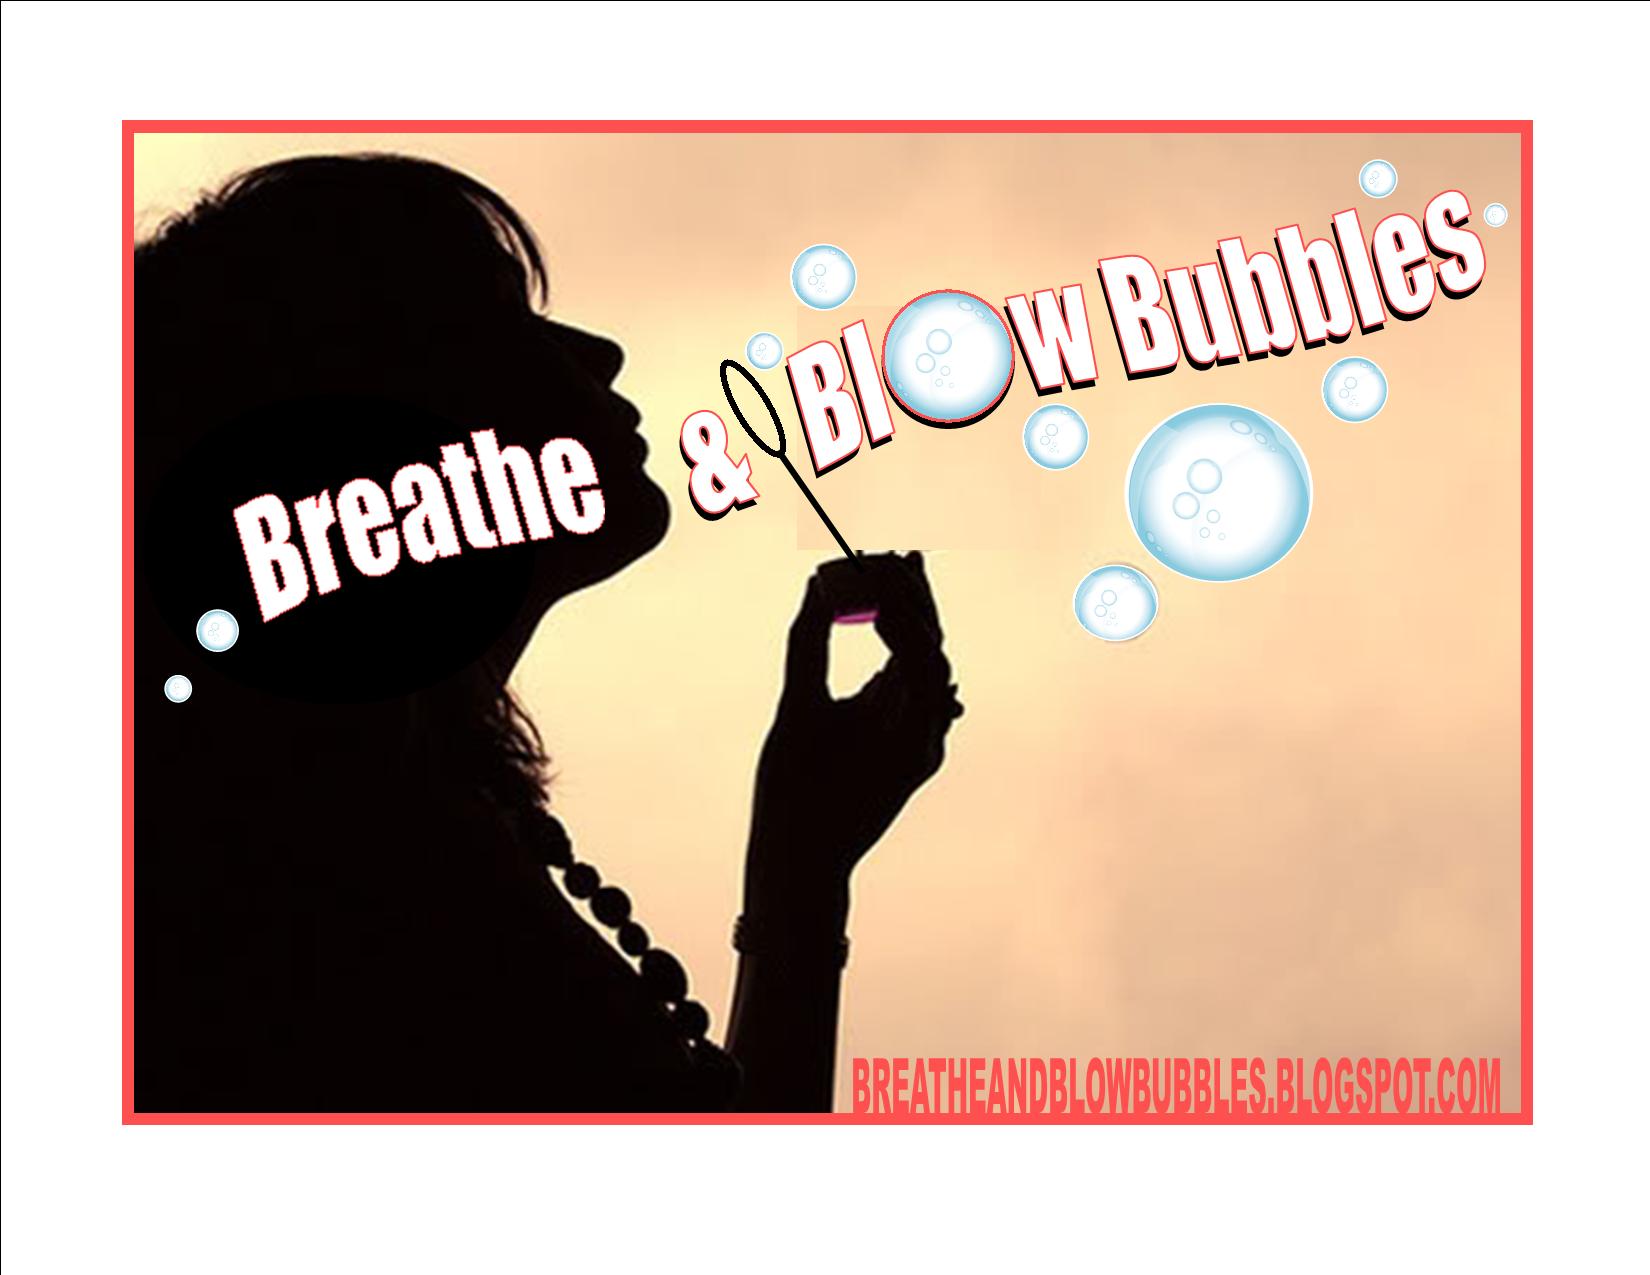 #breatheblowbubbles